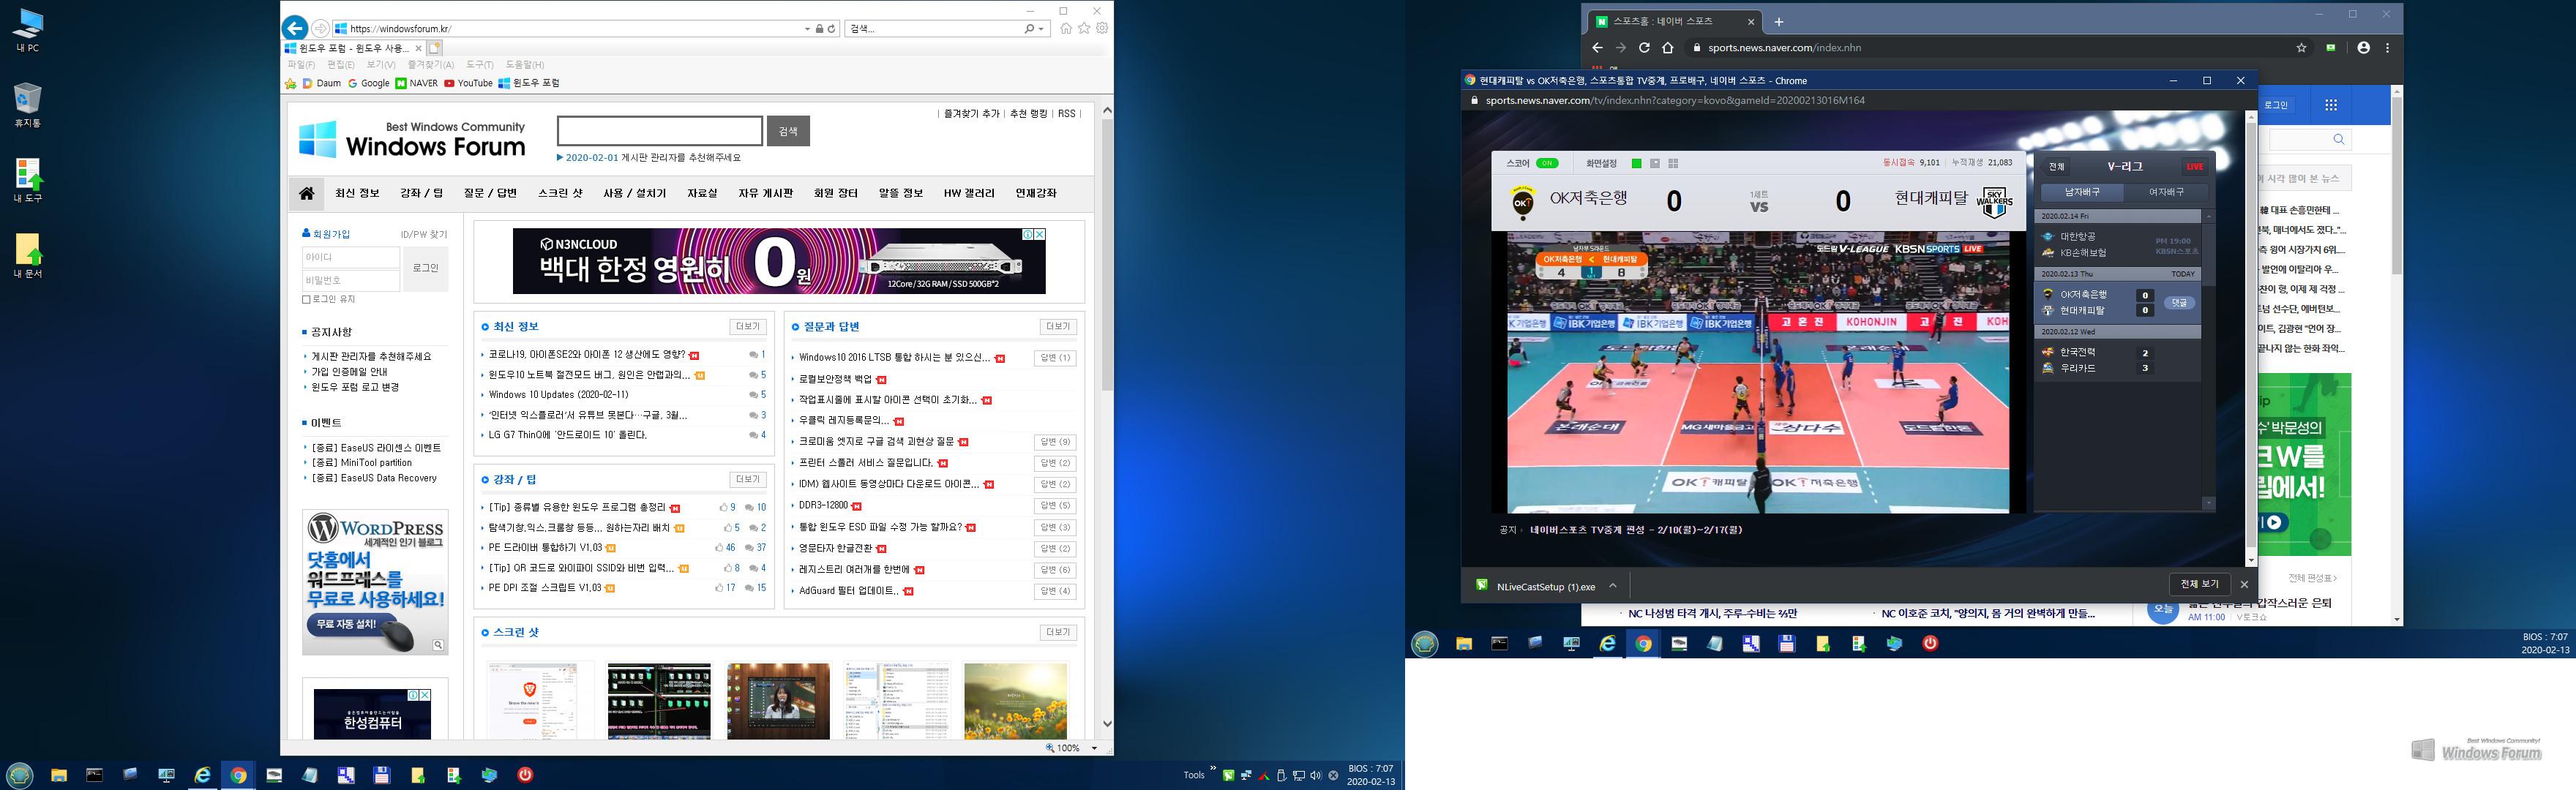 Win10XPE24_x64_18363.387_0008.jpg